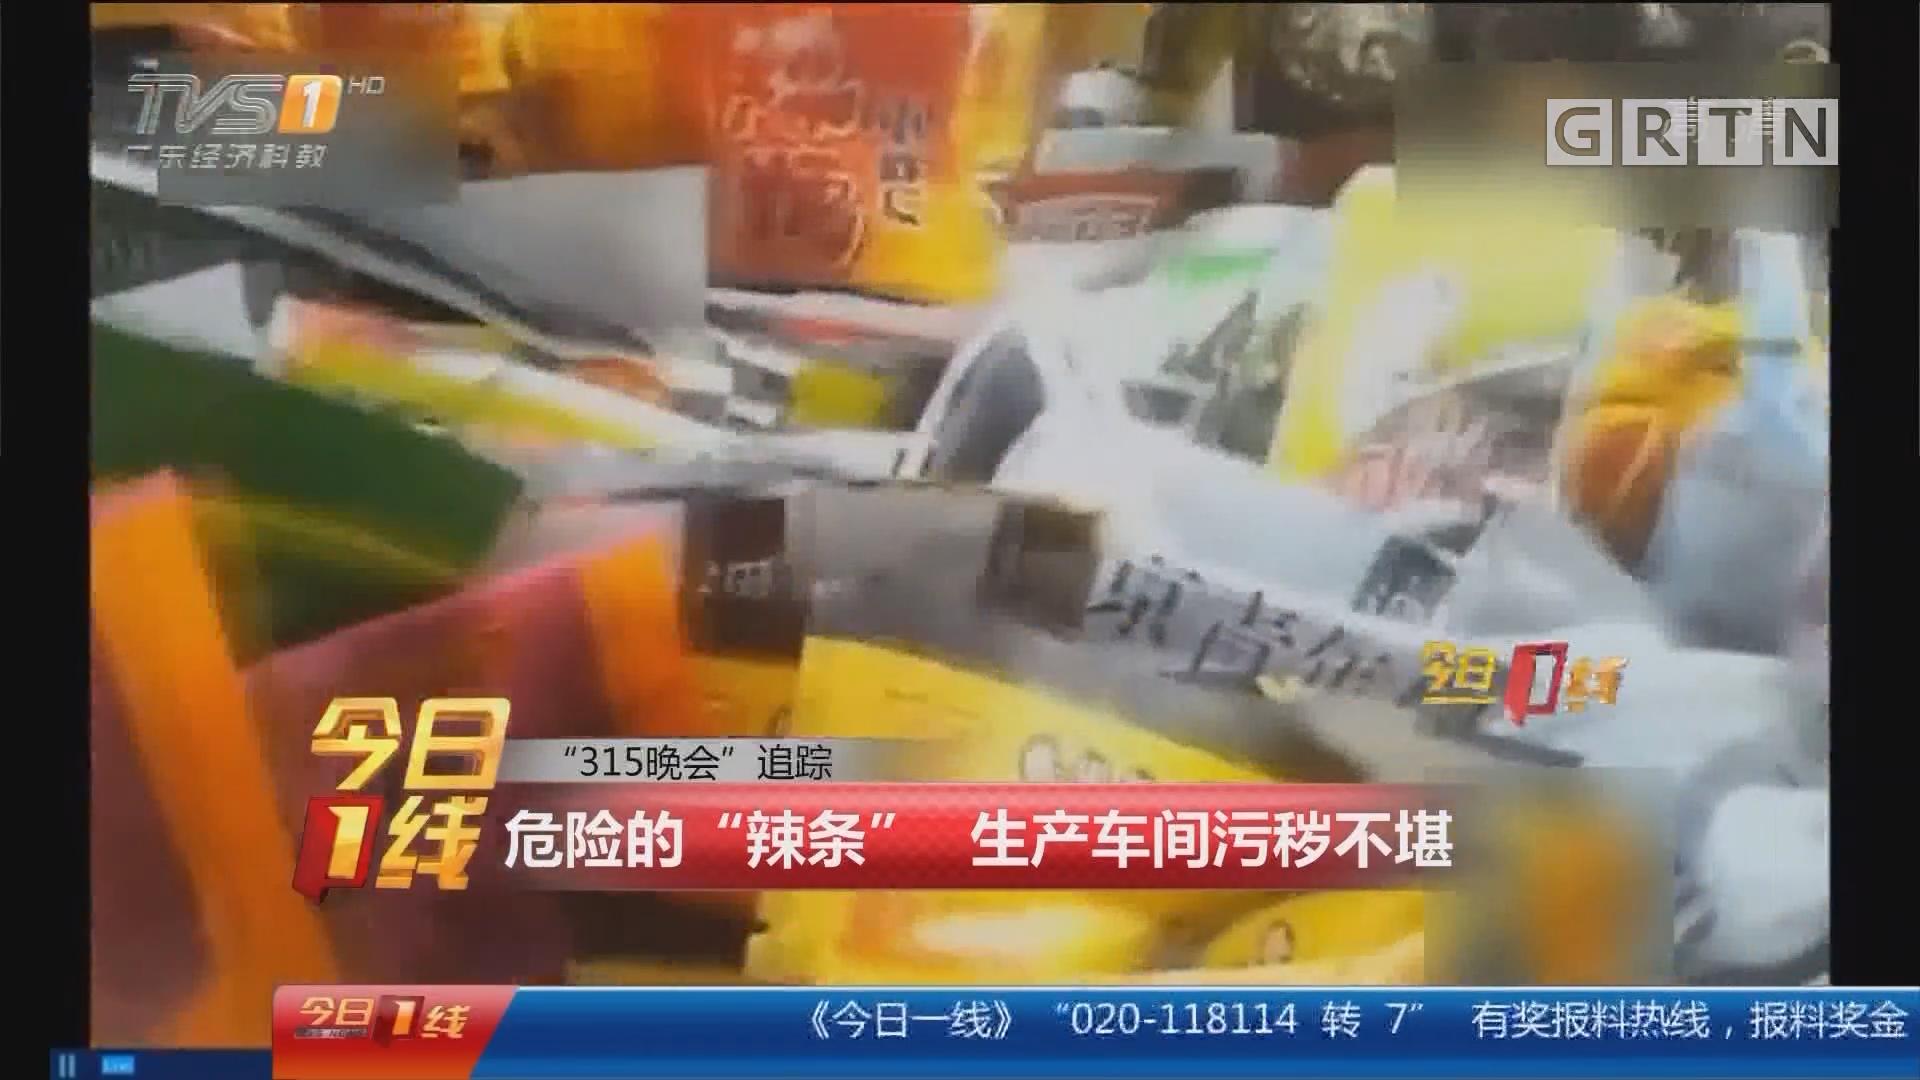 """""""315晚会""""追踪 危险的""""辣条"""" 生产车间污秽不堪"""